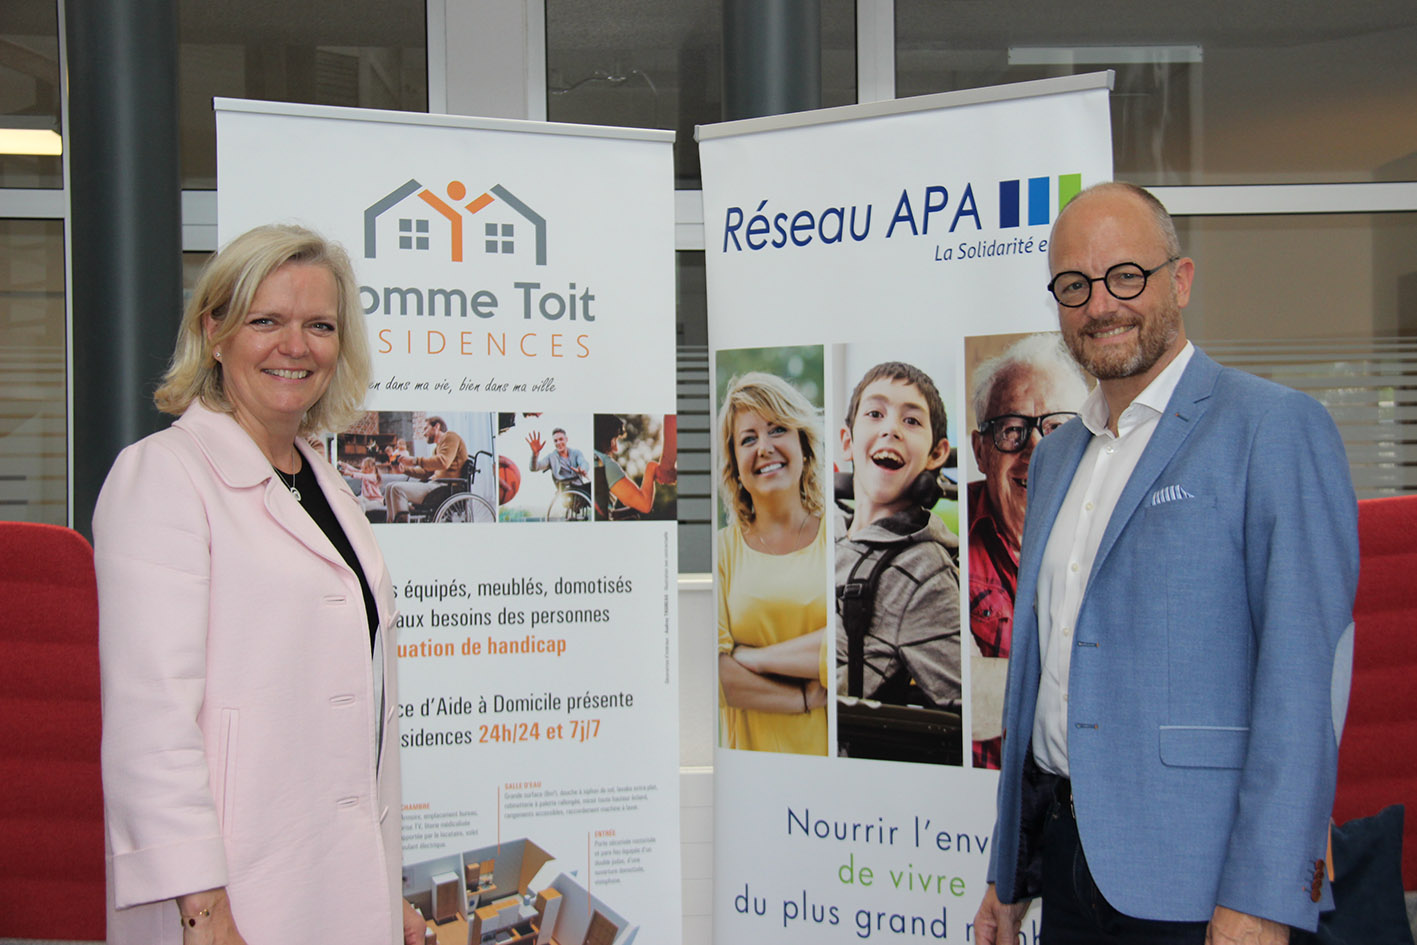 Les Résidences Comme Toit et le Réseau APA s'unissent pour proposer une offre d'hébergement adaptée aux personnes en situation de handicap